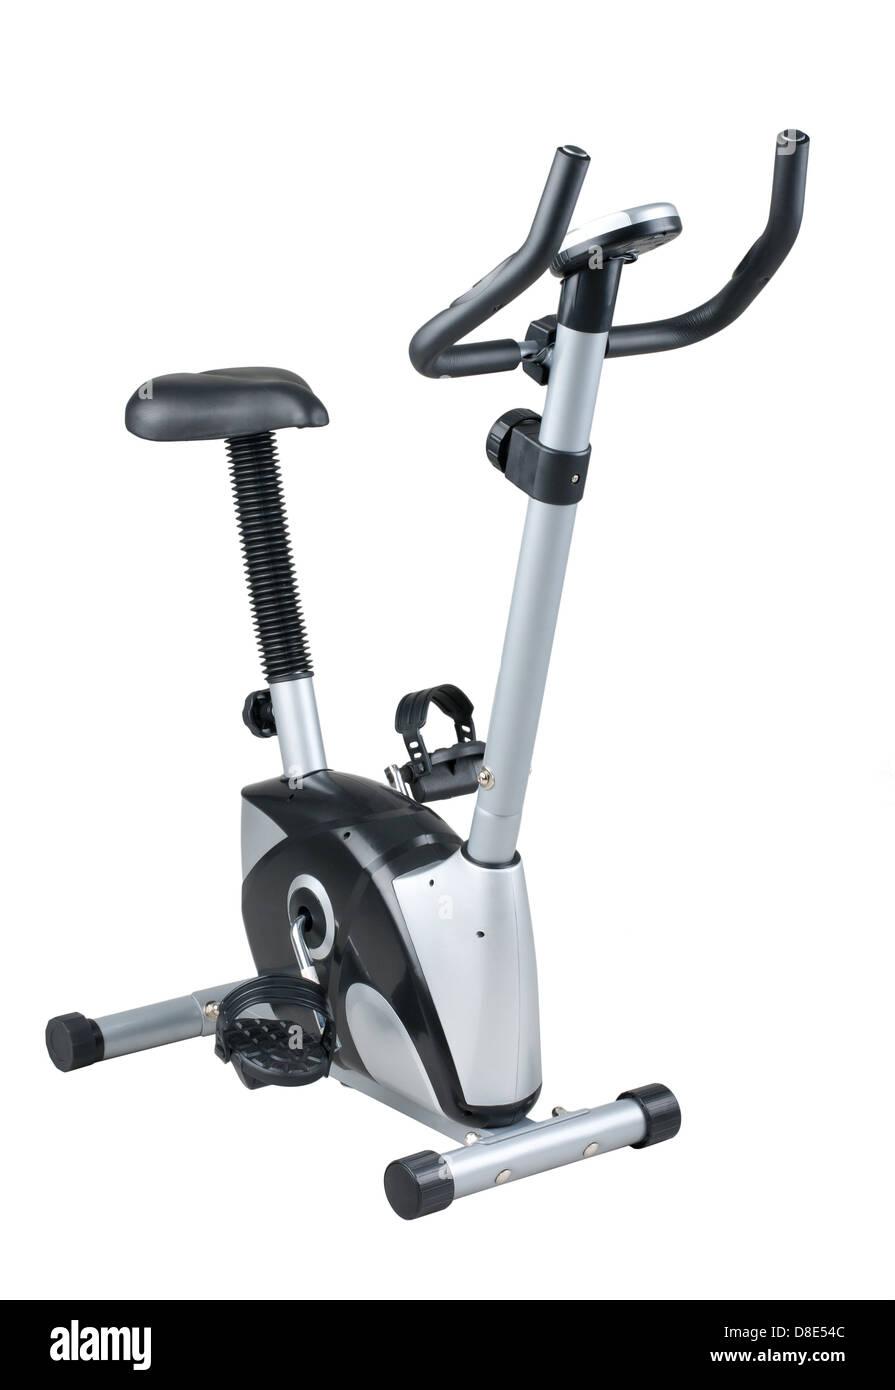 Bicicletas para uso de máquinas de ejercicio en el gimnasio o en casa Imagen De Stock